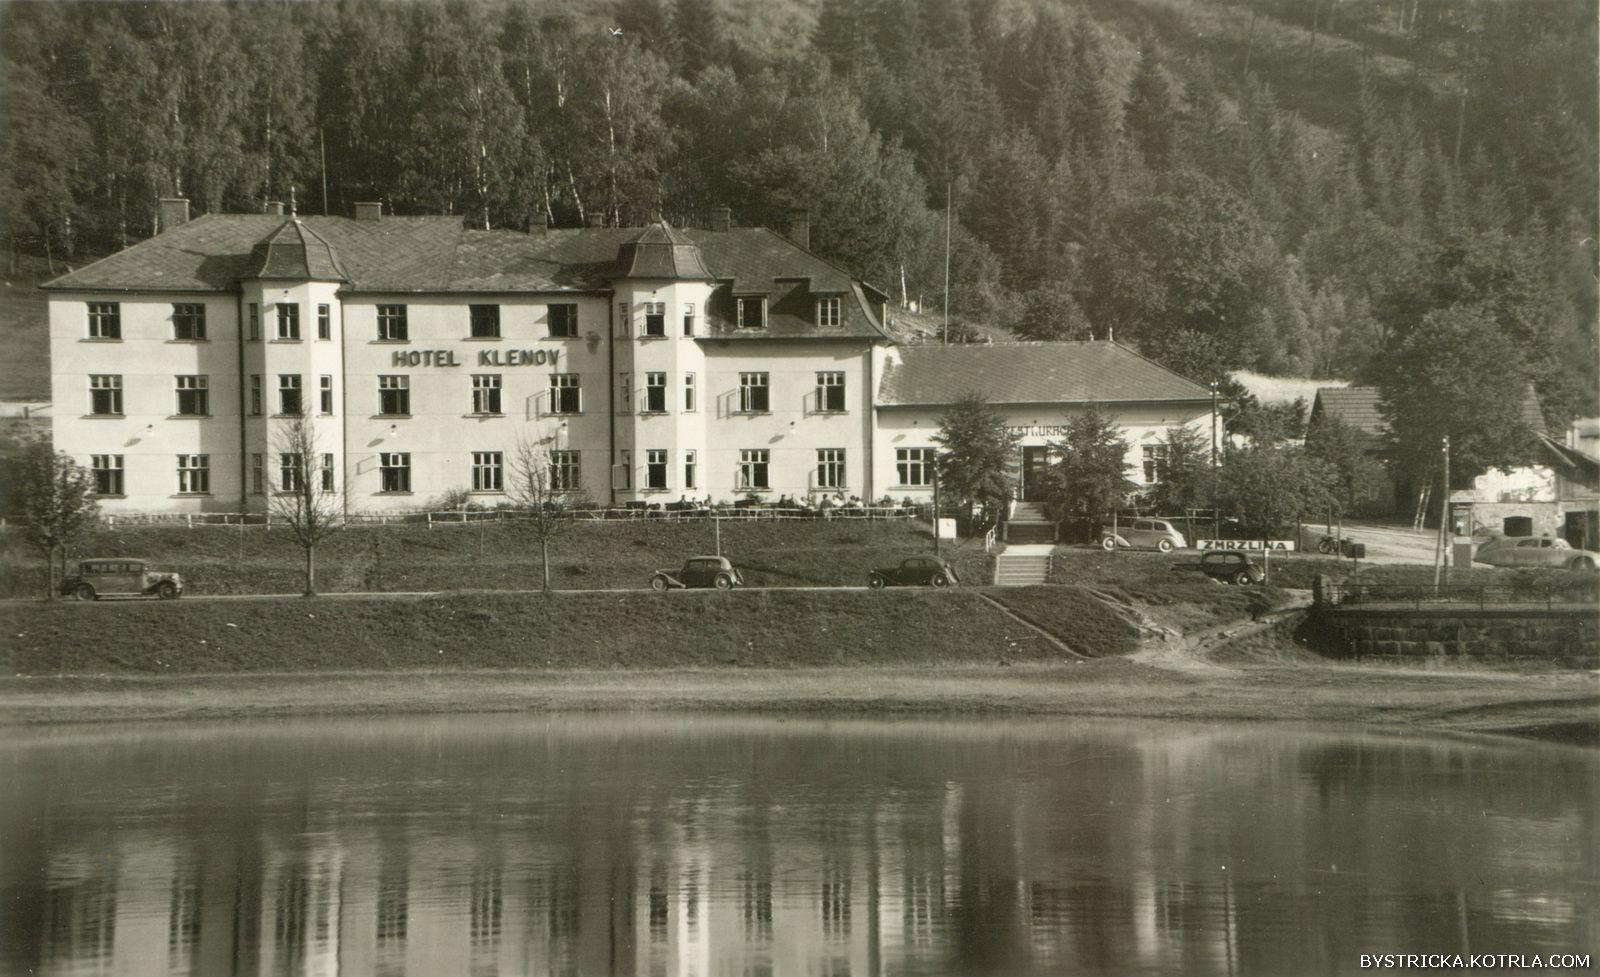 Bystřička – hotel Klenov